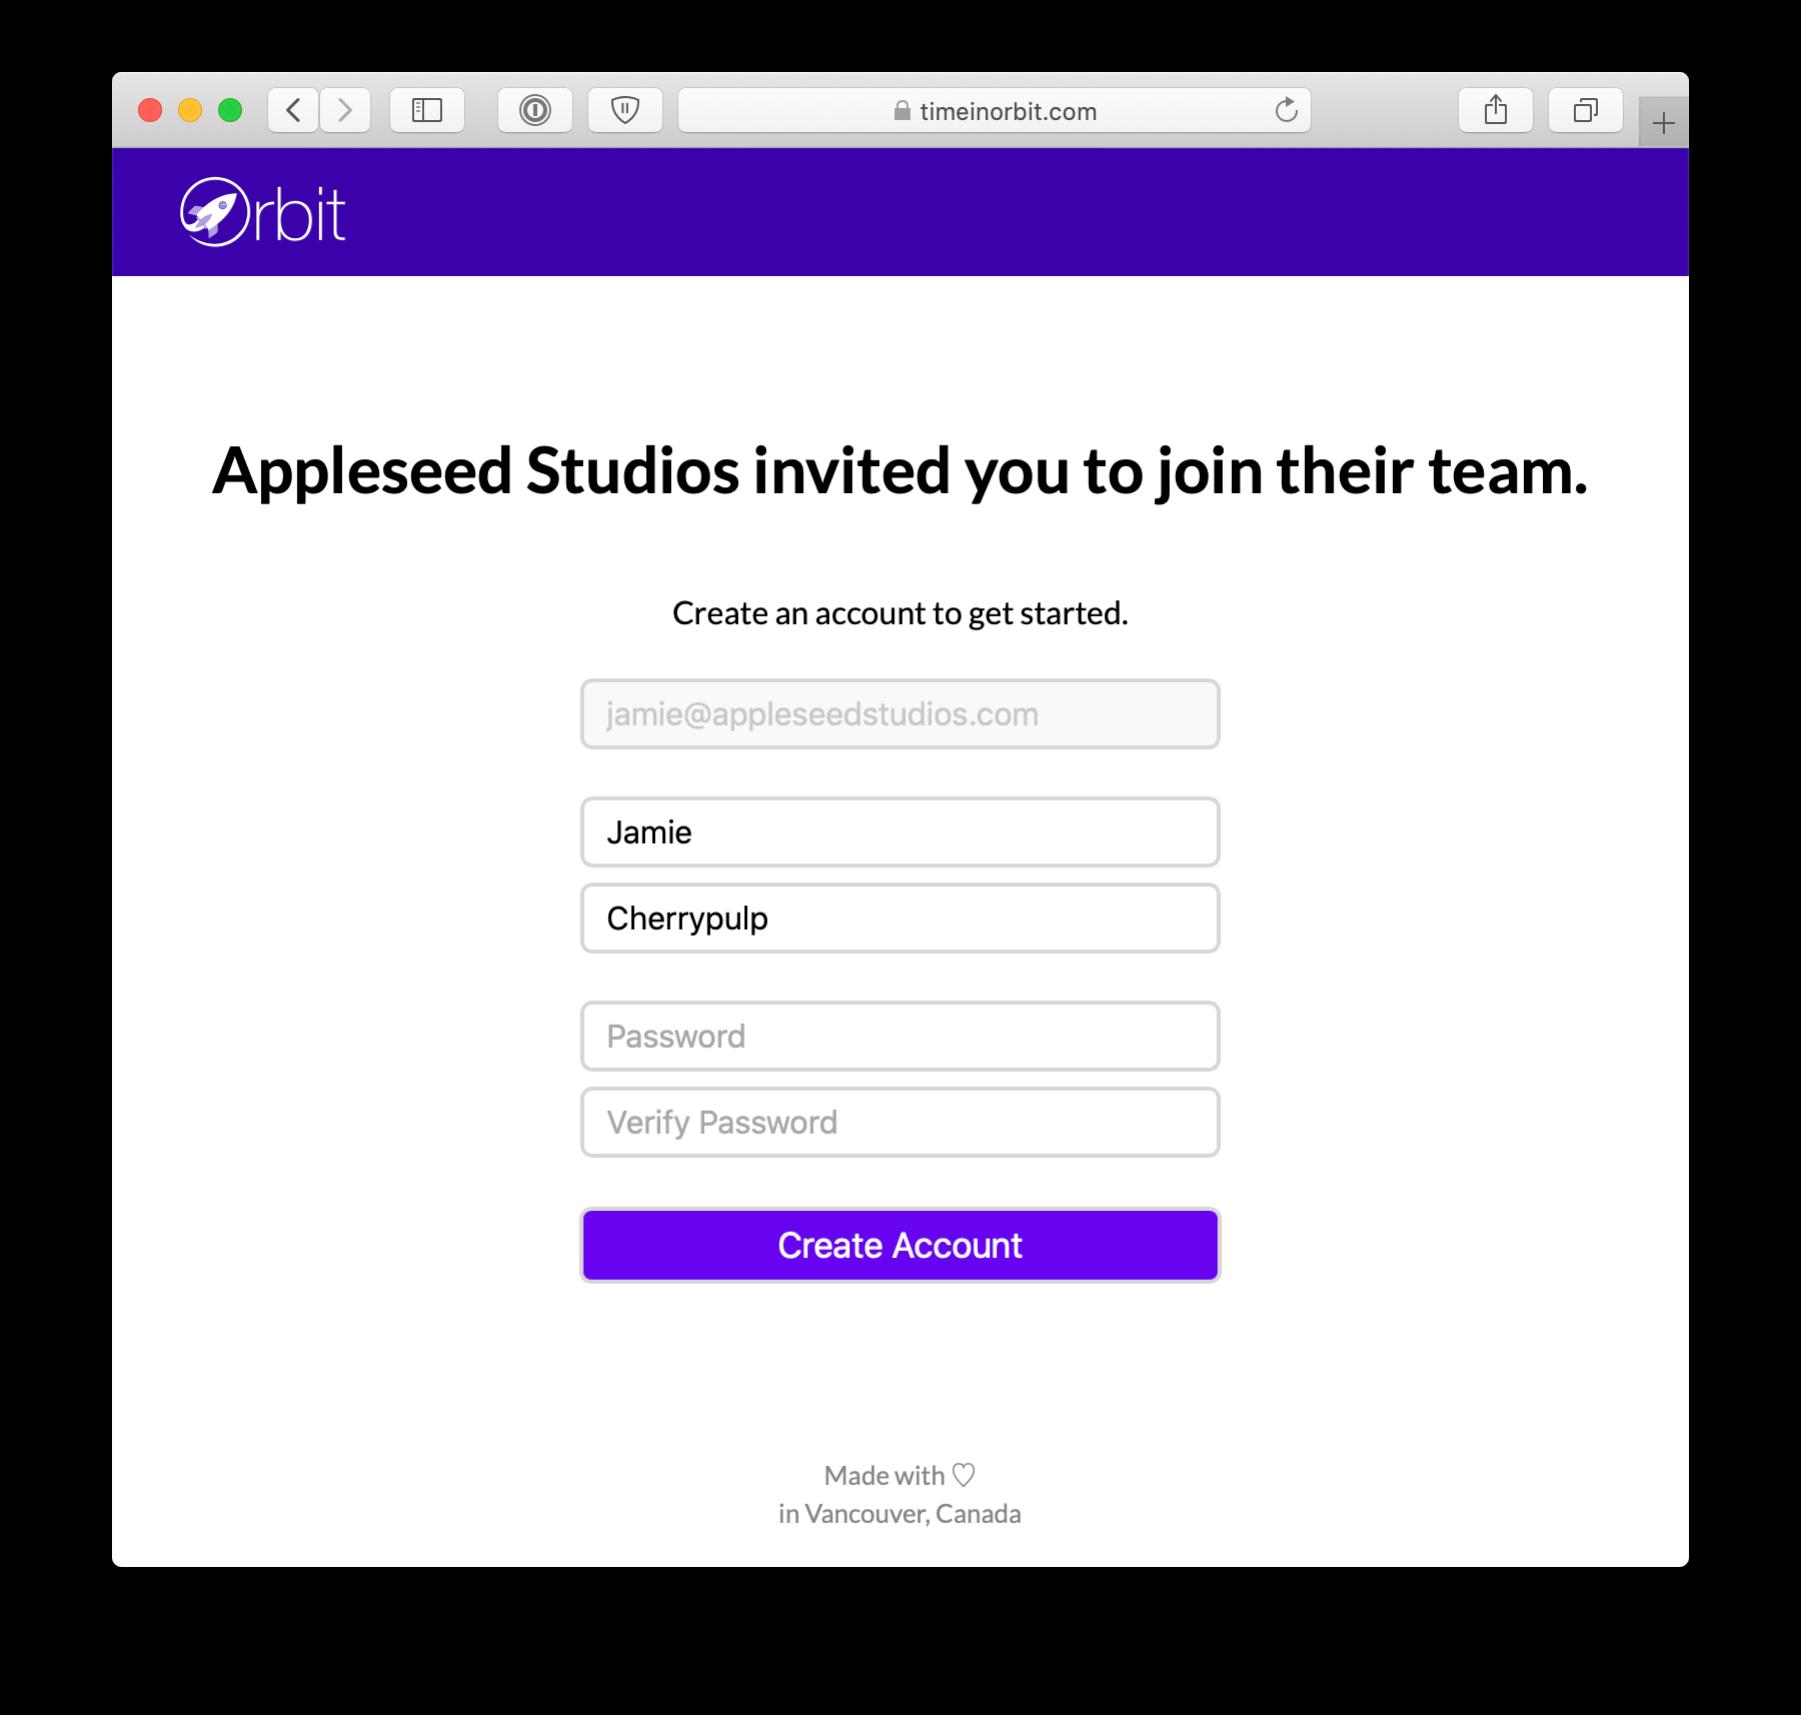 Accept Invitation Screen